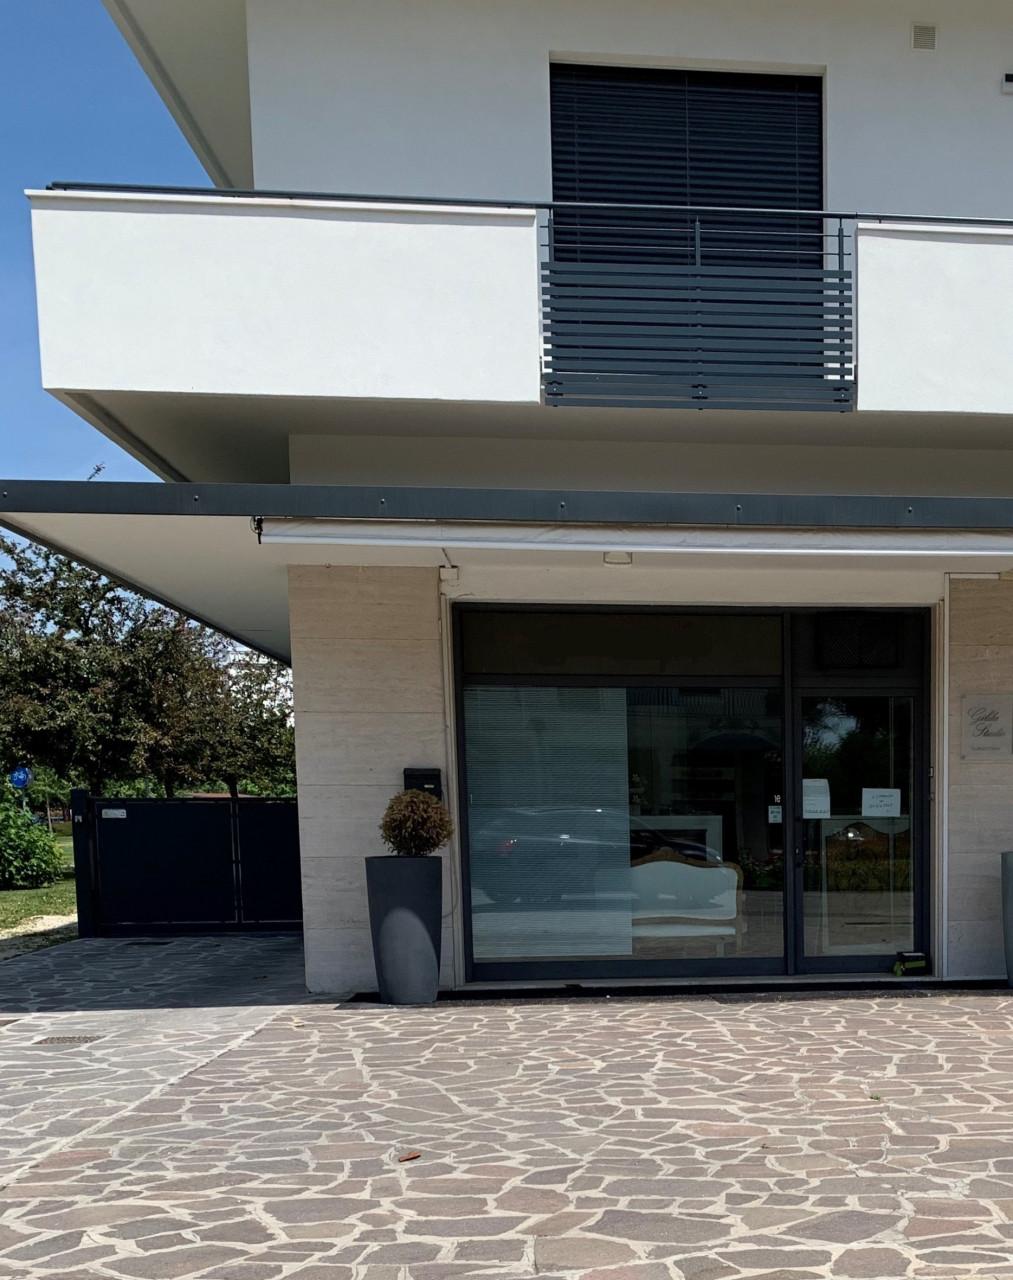 C512 - Negozio in affitto in zona pedonale fronte strada Abano Terme https://media.gestionaleimmobiliare.it/foto/annunci/200513/2239311/1280x1280/999__esterno_2_1.jpg